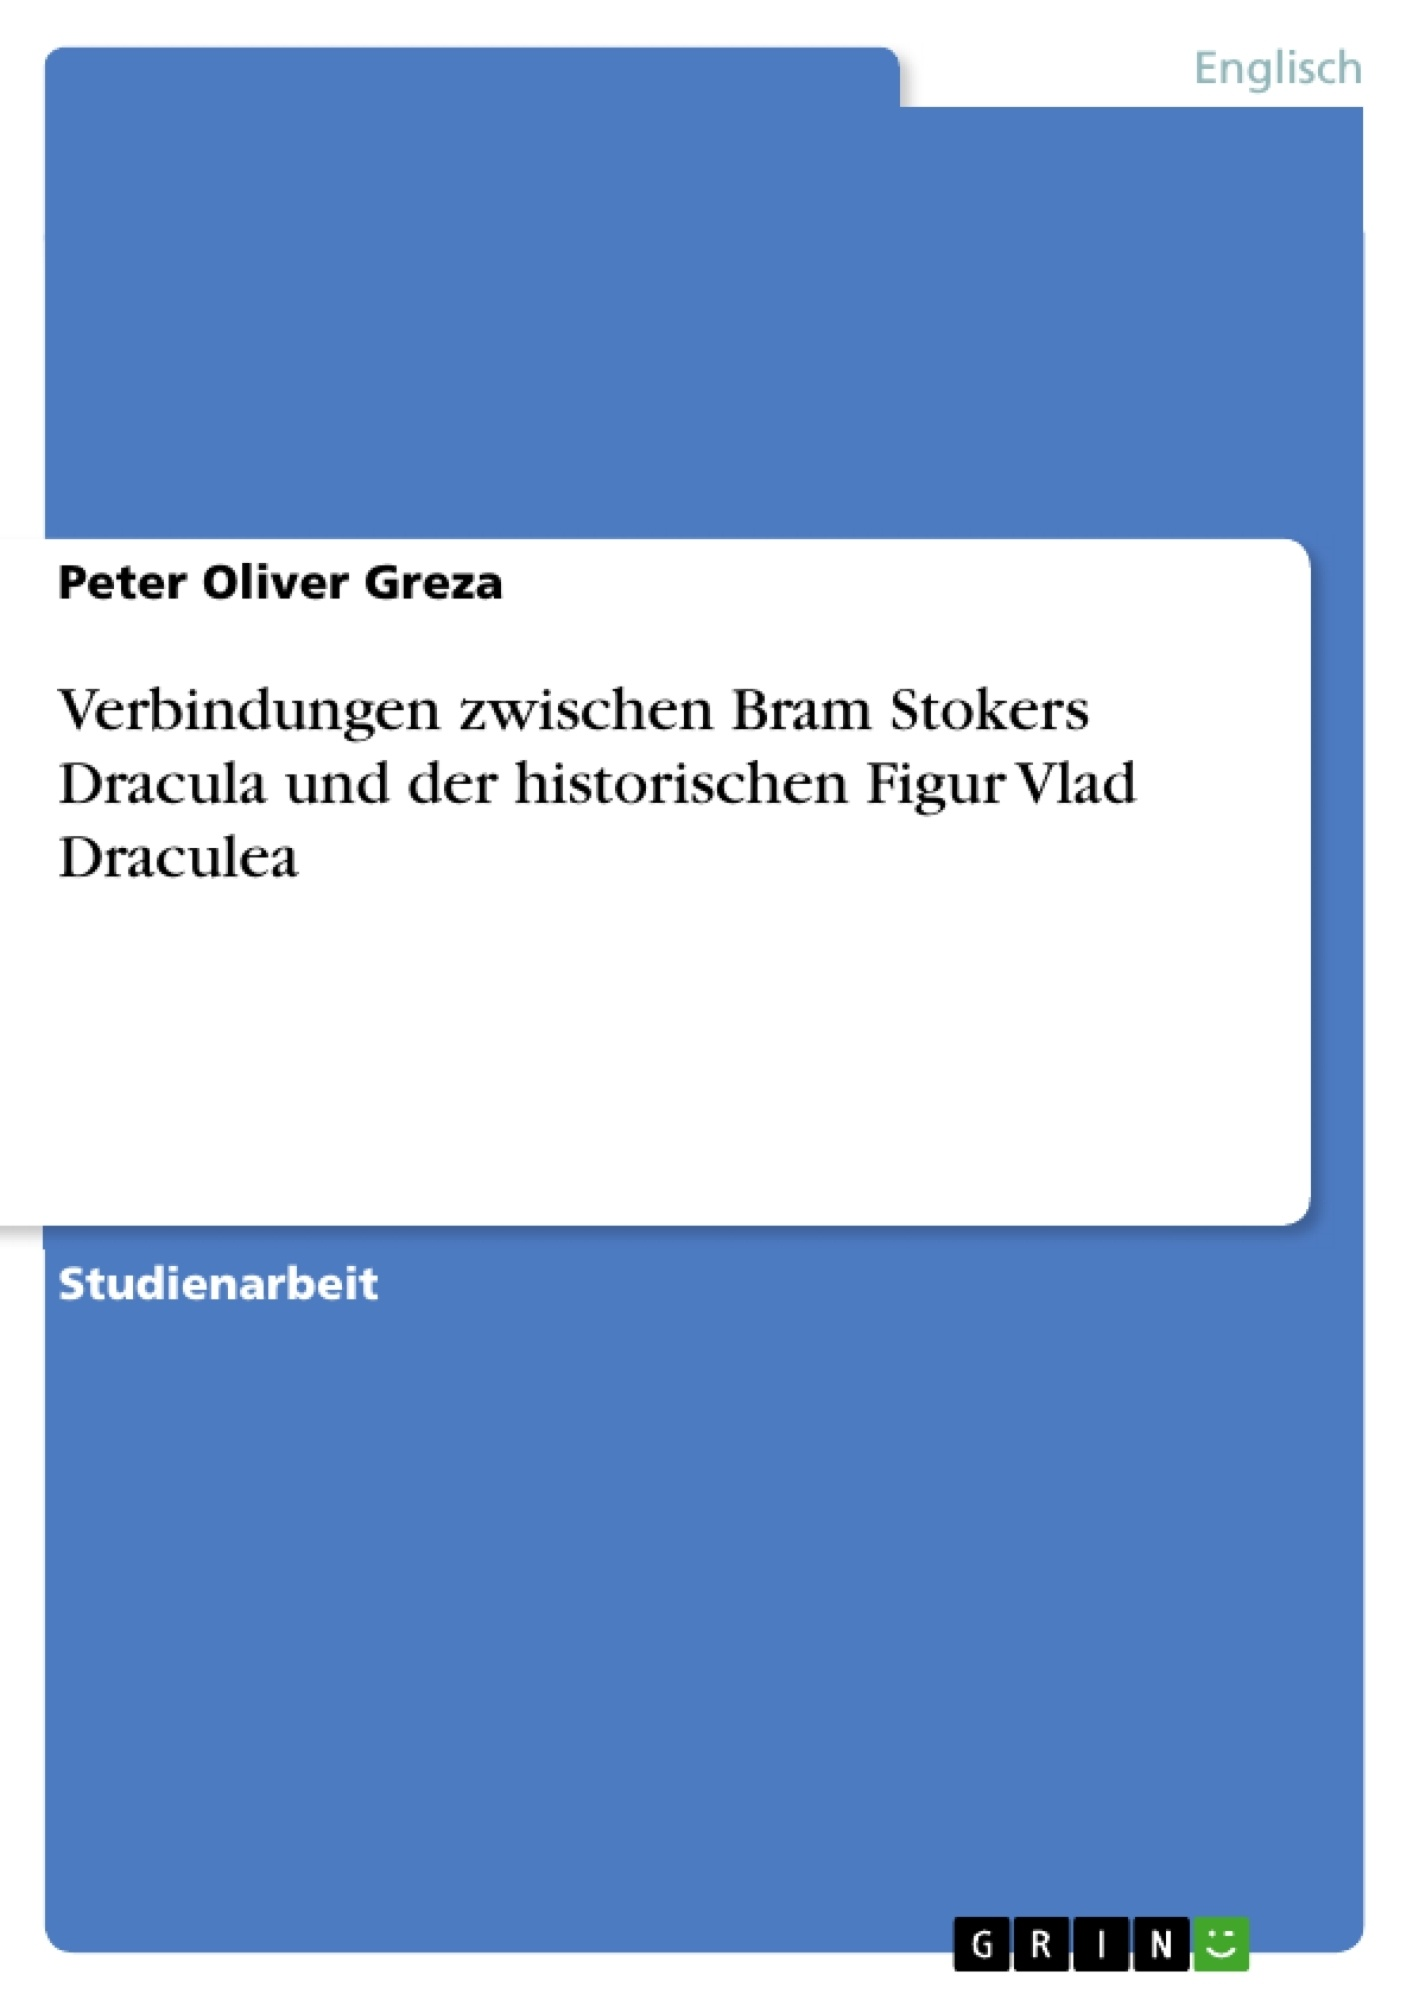 Titel: Verbindungen zwischen Bram Stokers Dracula und der historischen Figur Vlad Draculea